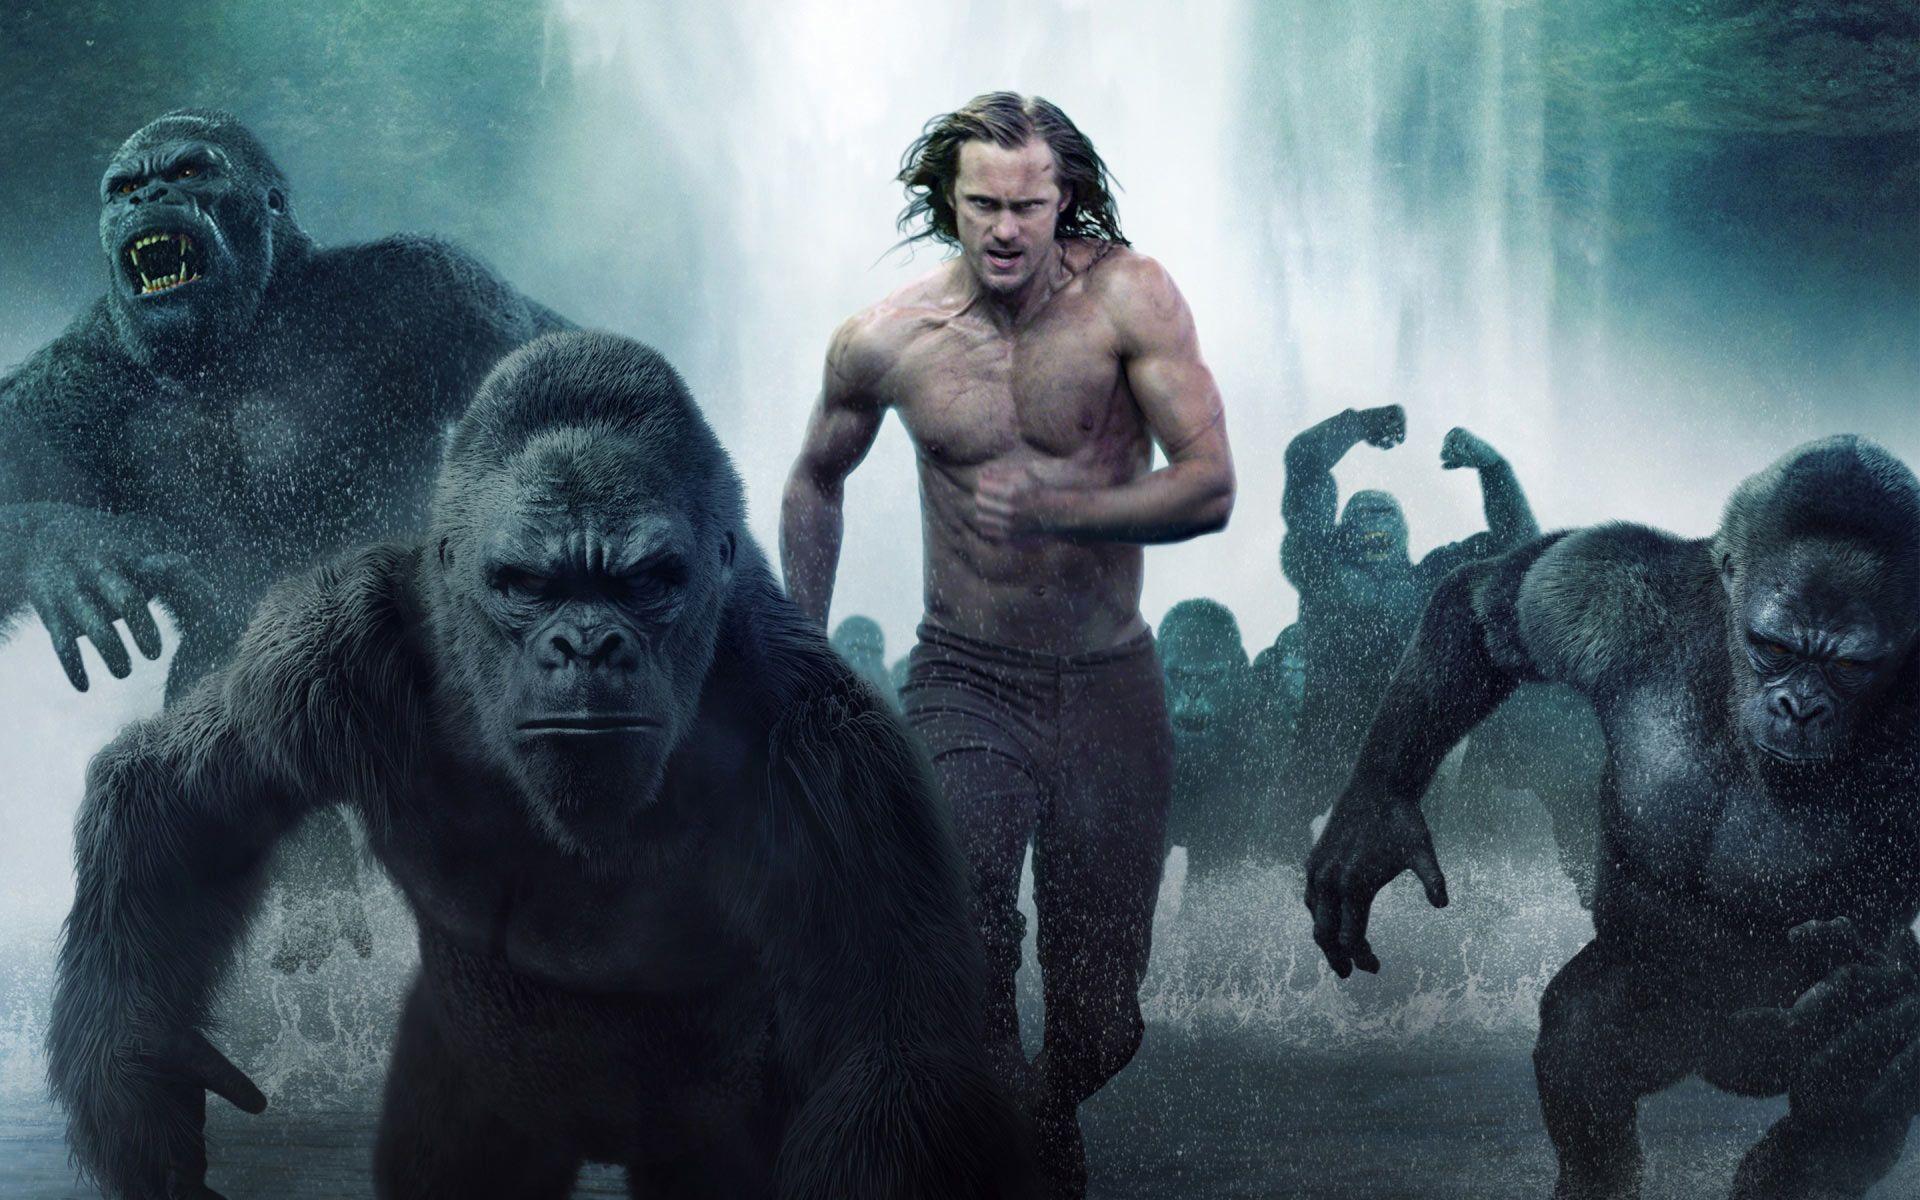 Papel De Parede Gratis De Filmes A Lenda De Tarzan Veja Mais